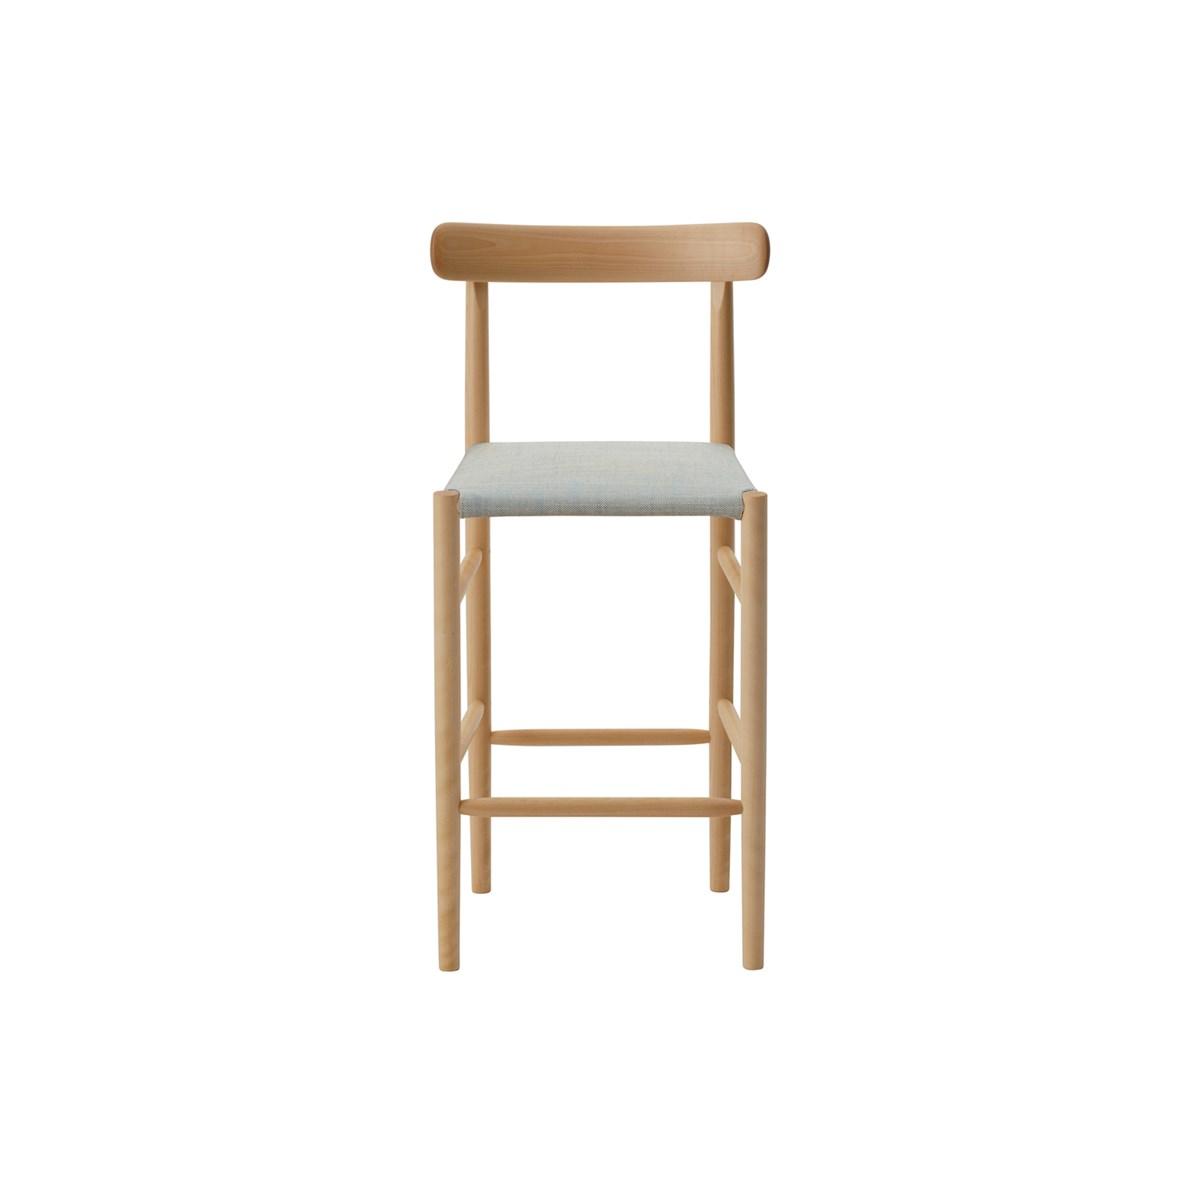 Maruni-Jasper-Morrison-Lightwood-Barstool-Matisse-1